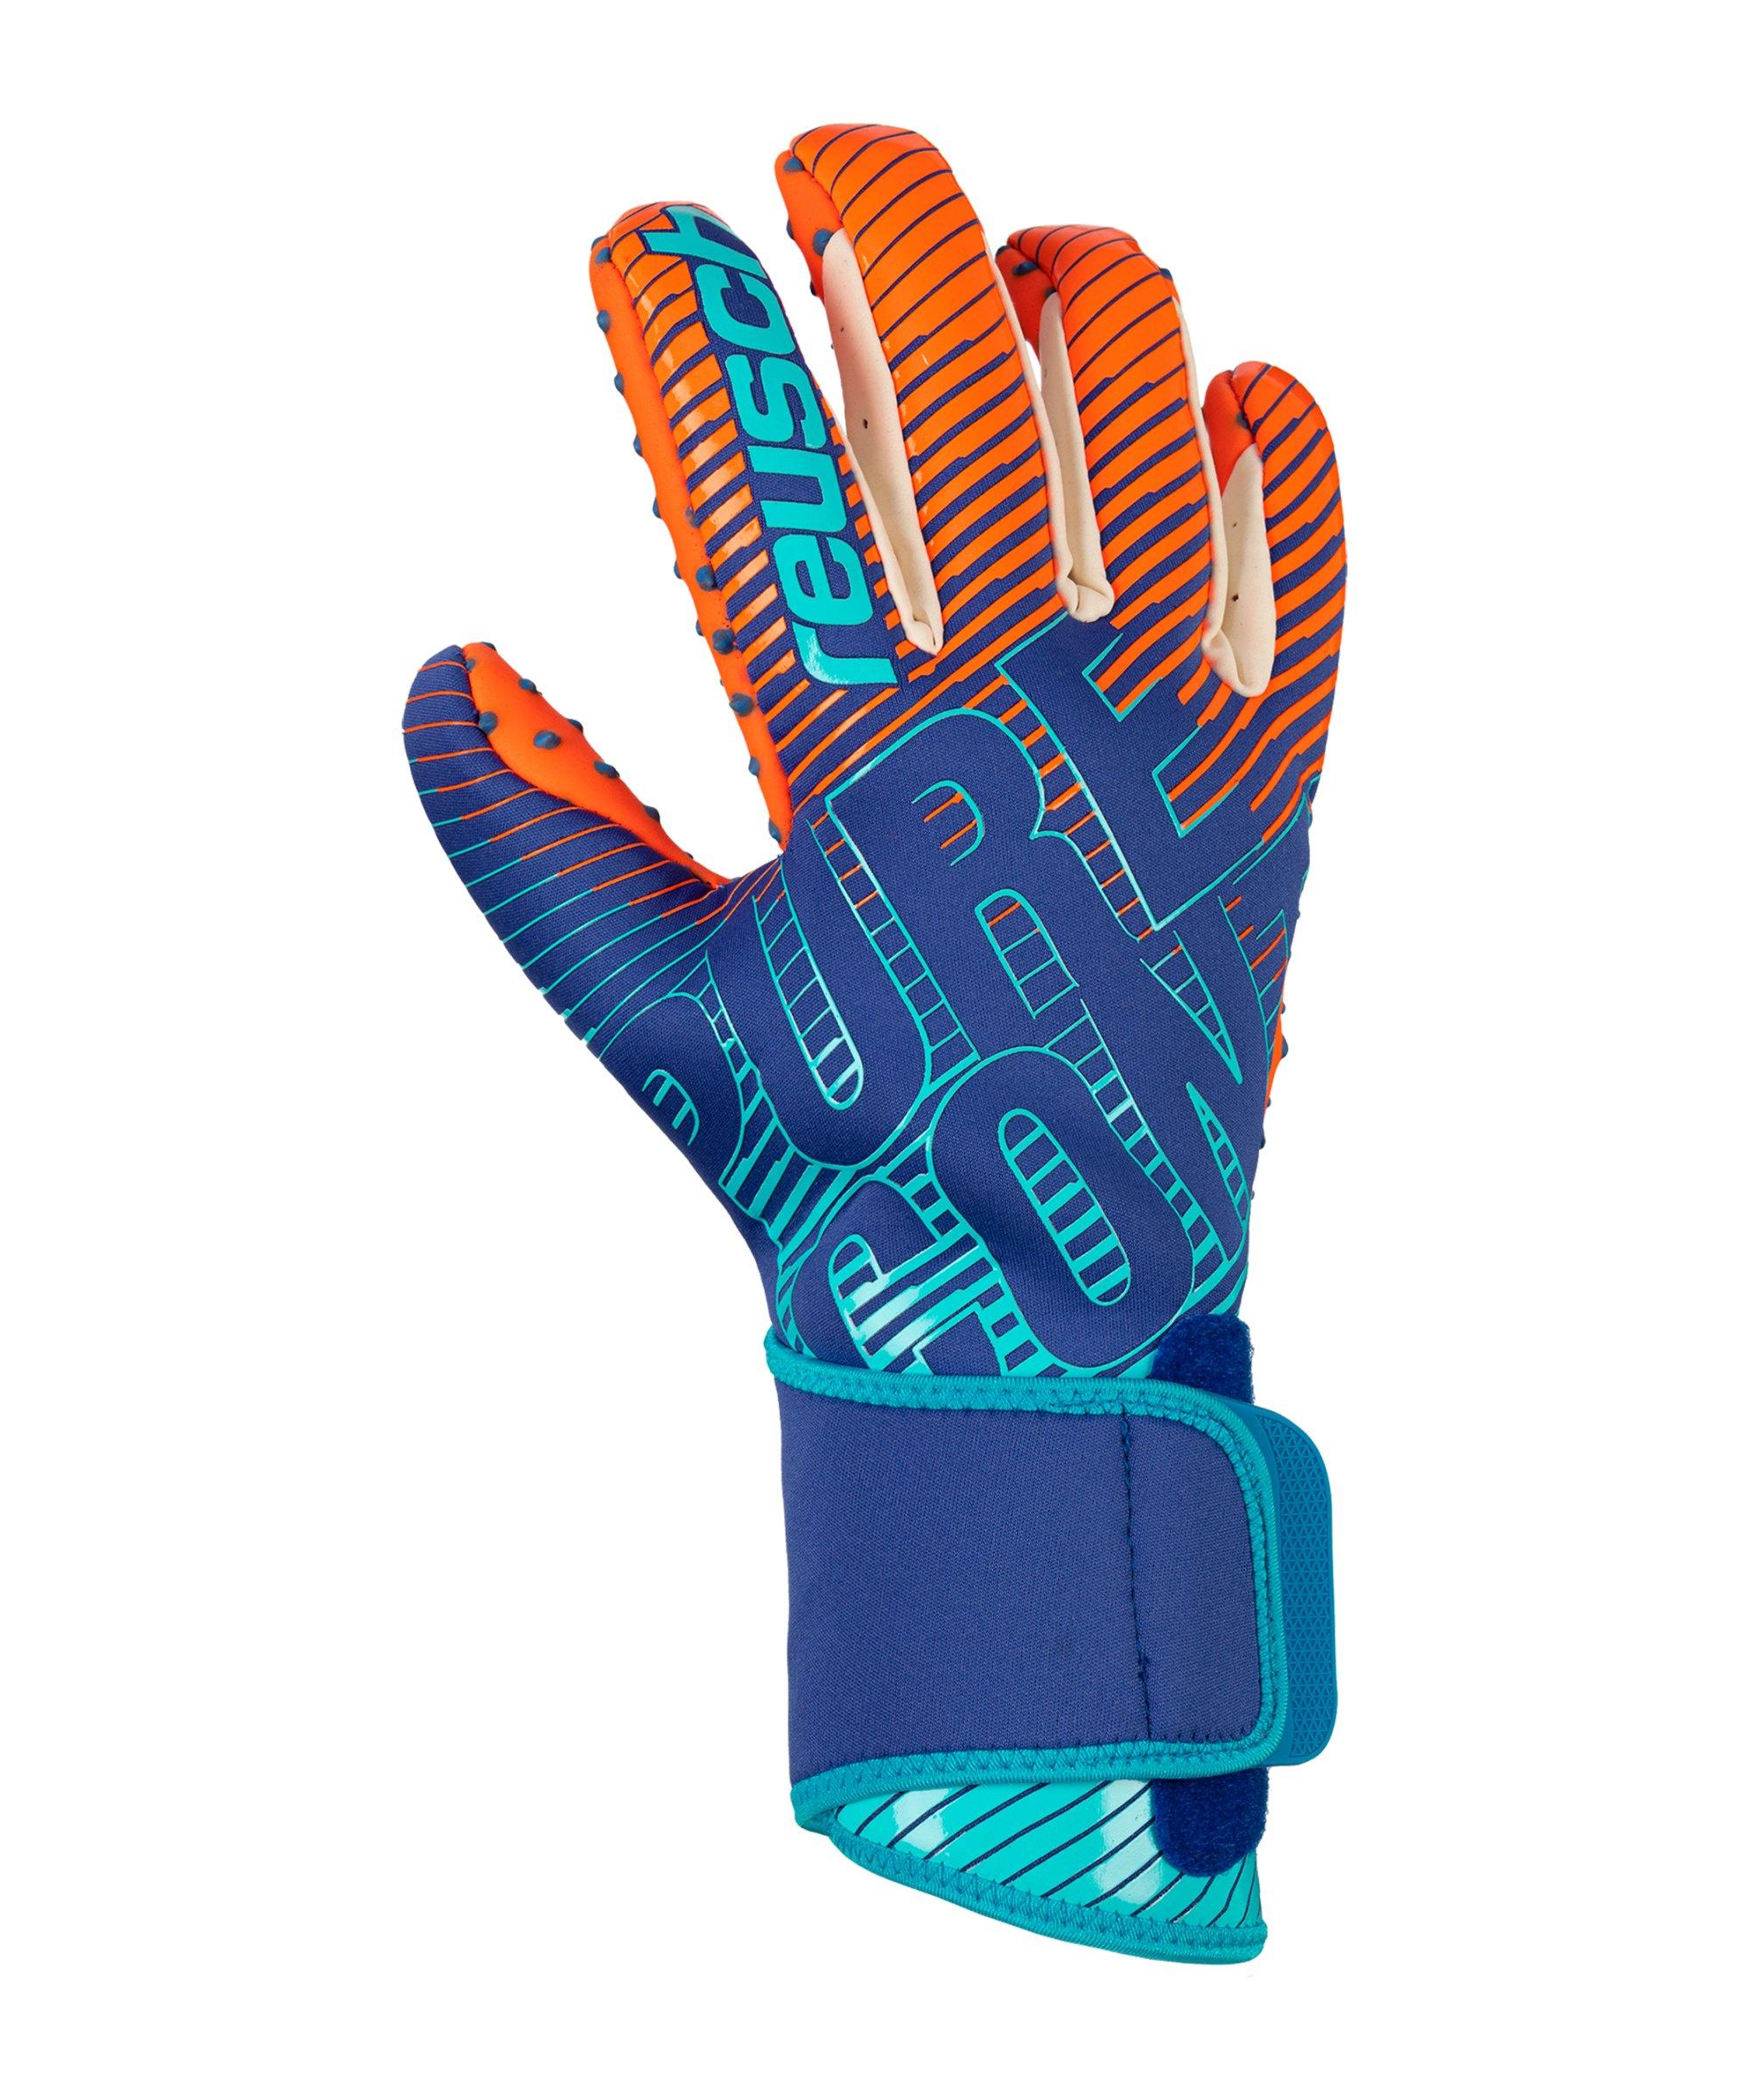 Reusch Contact Speed Bump 3 G3 TW-Handschuh F4959 - blau